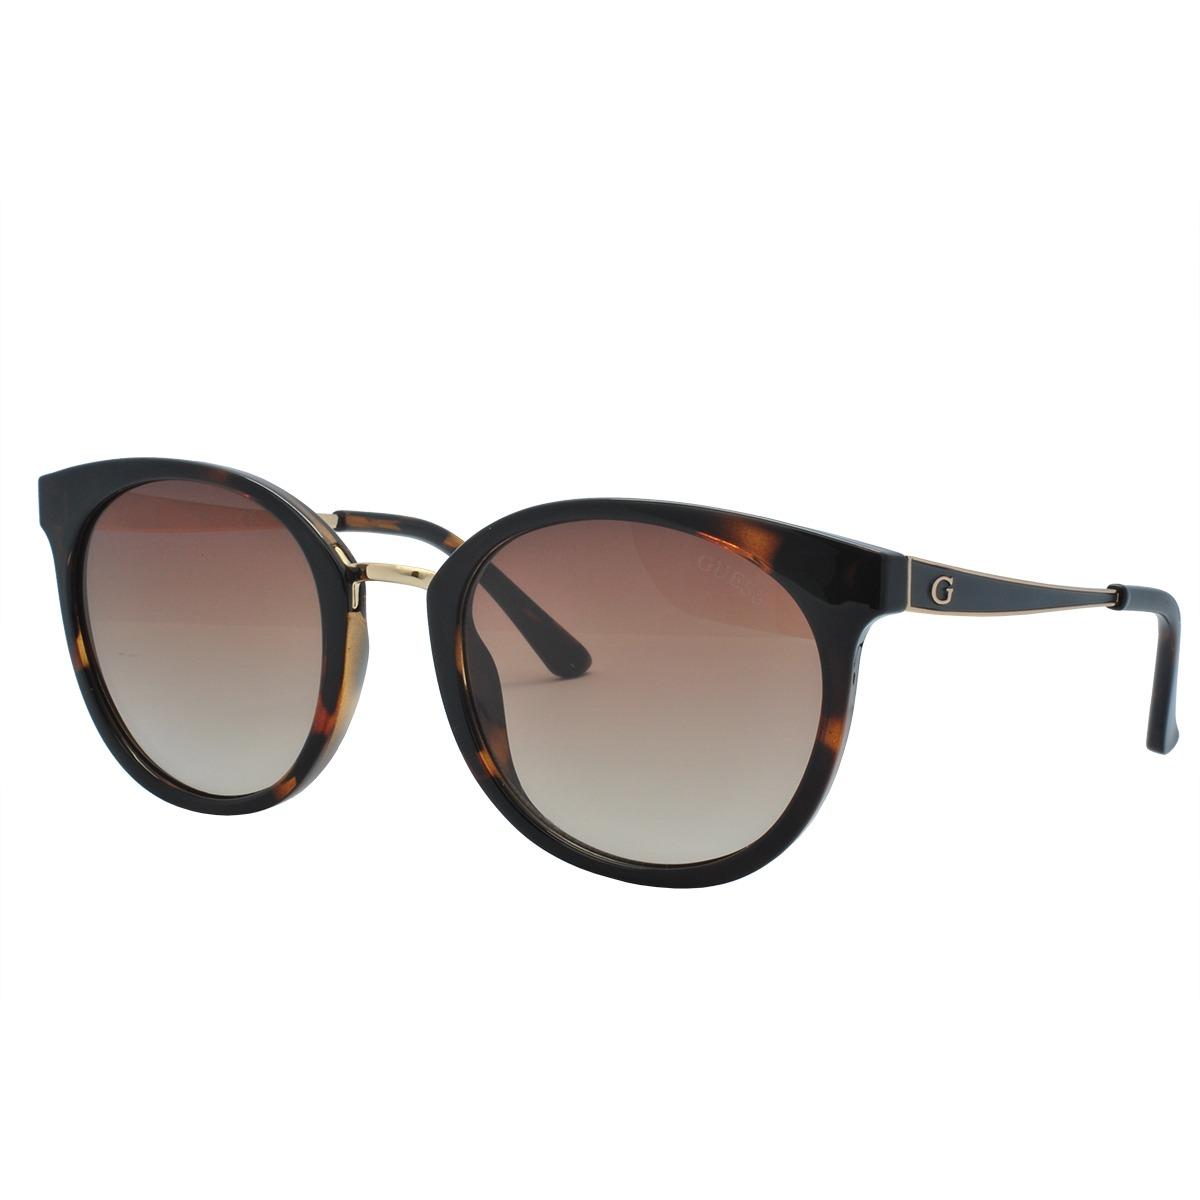 704345e3e Óculos De Sol Guess Original Feminino Gu7459 52f - R$ 362,00 em ...